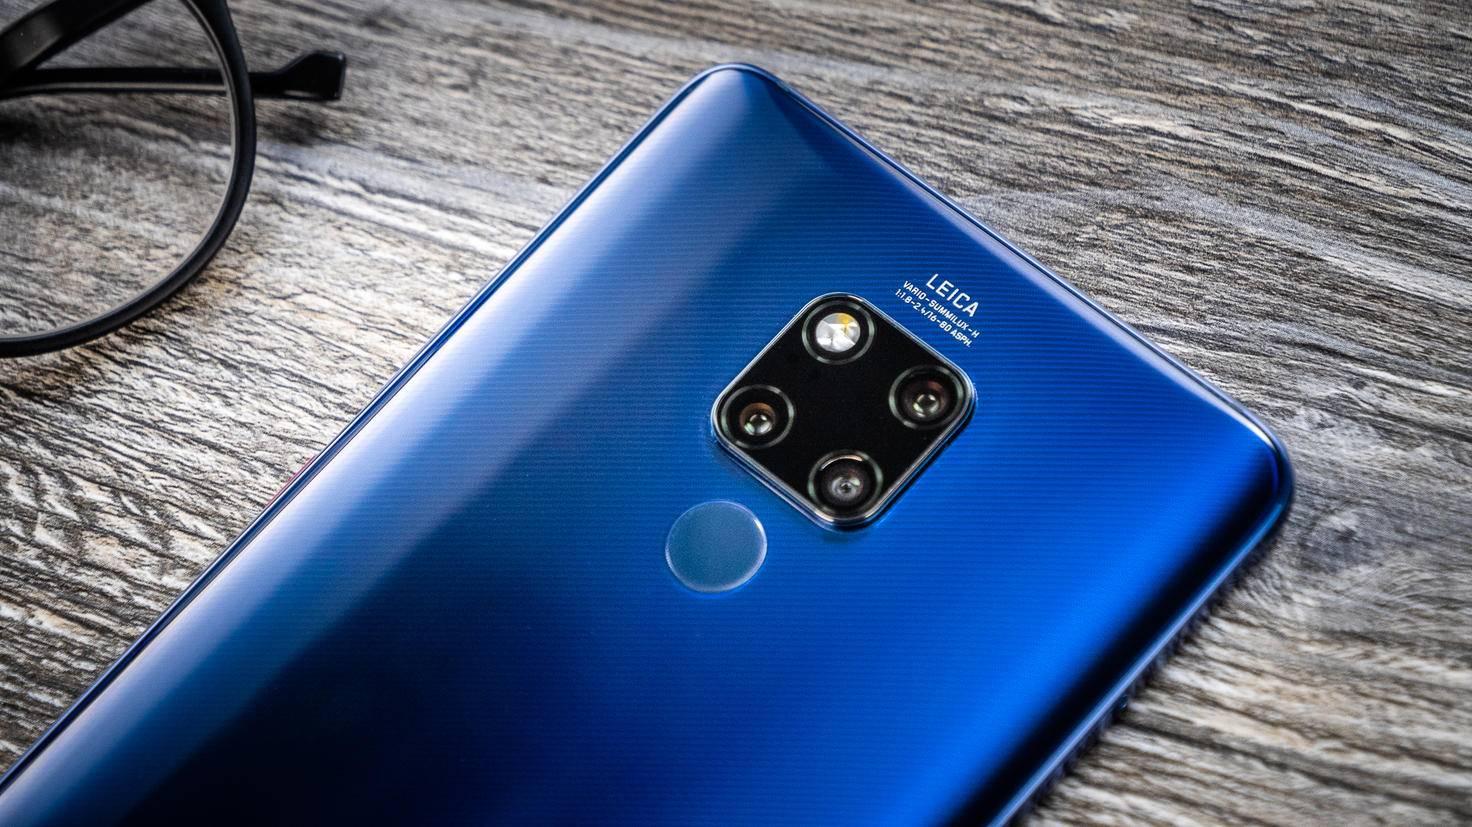 Das gerillte Glas verleiht dem Smartphone einen tollen Look.